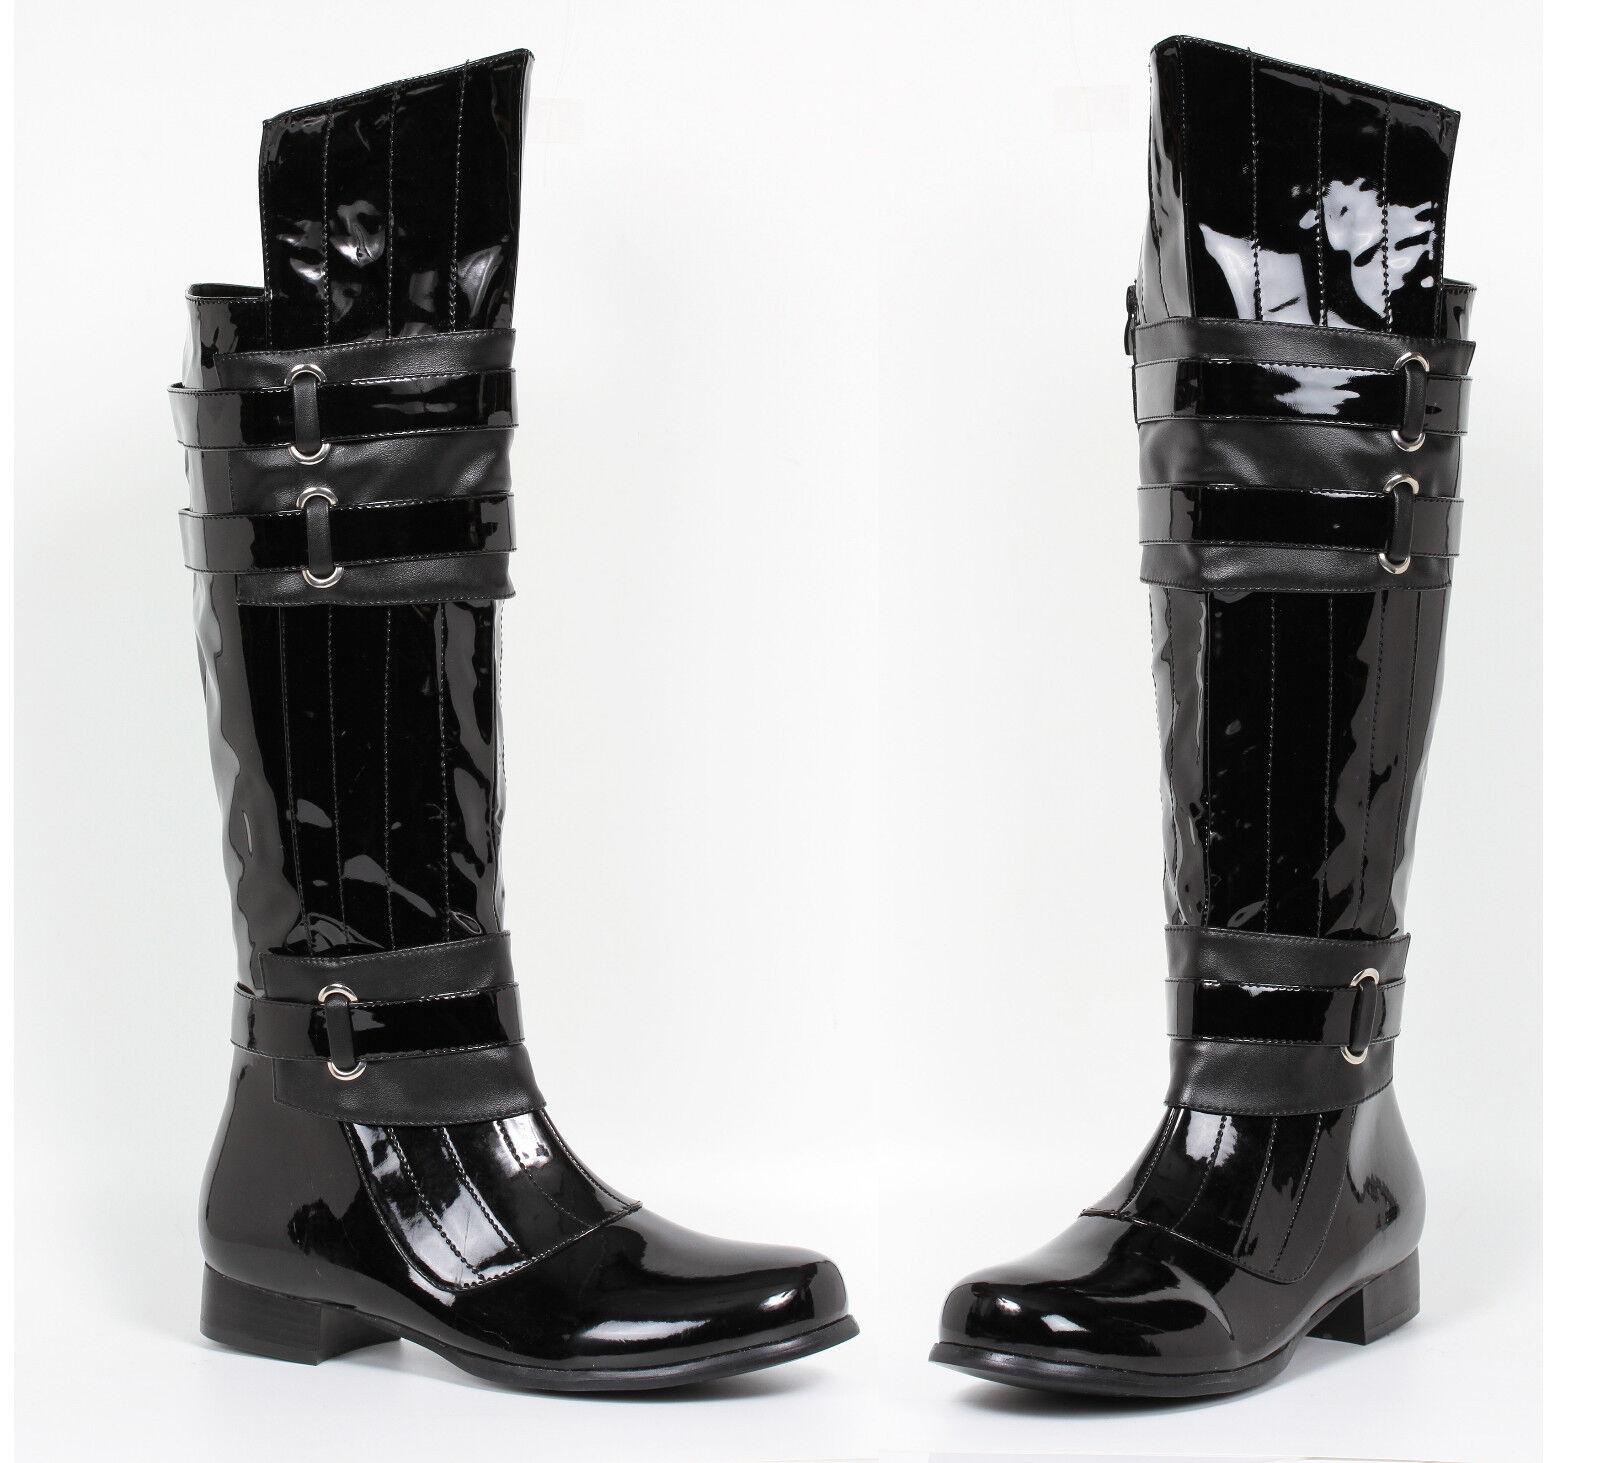 negro Star Wars Darth Vader Kylo Ren botas De Disfraz De Para Hombre